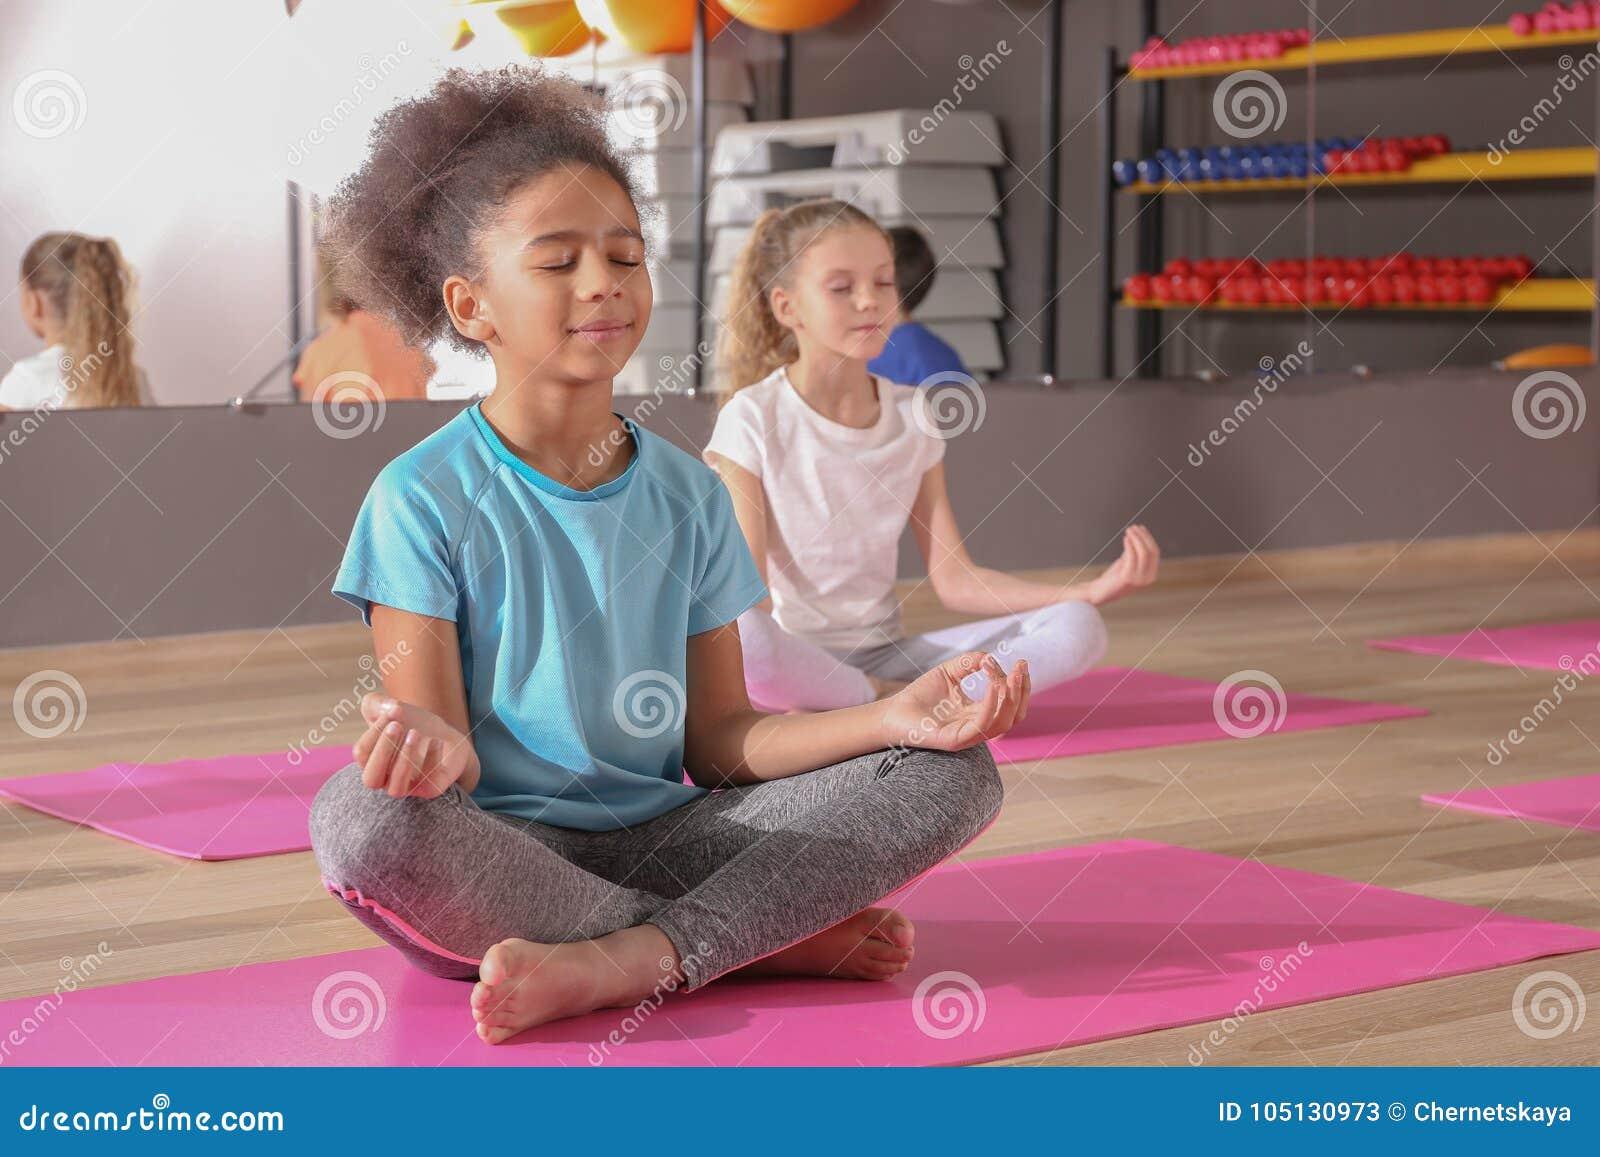 Kinderen bij lichamelijke opvoedingsles